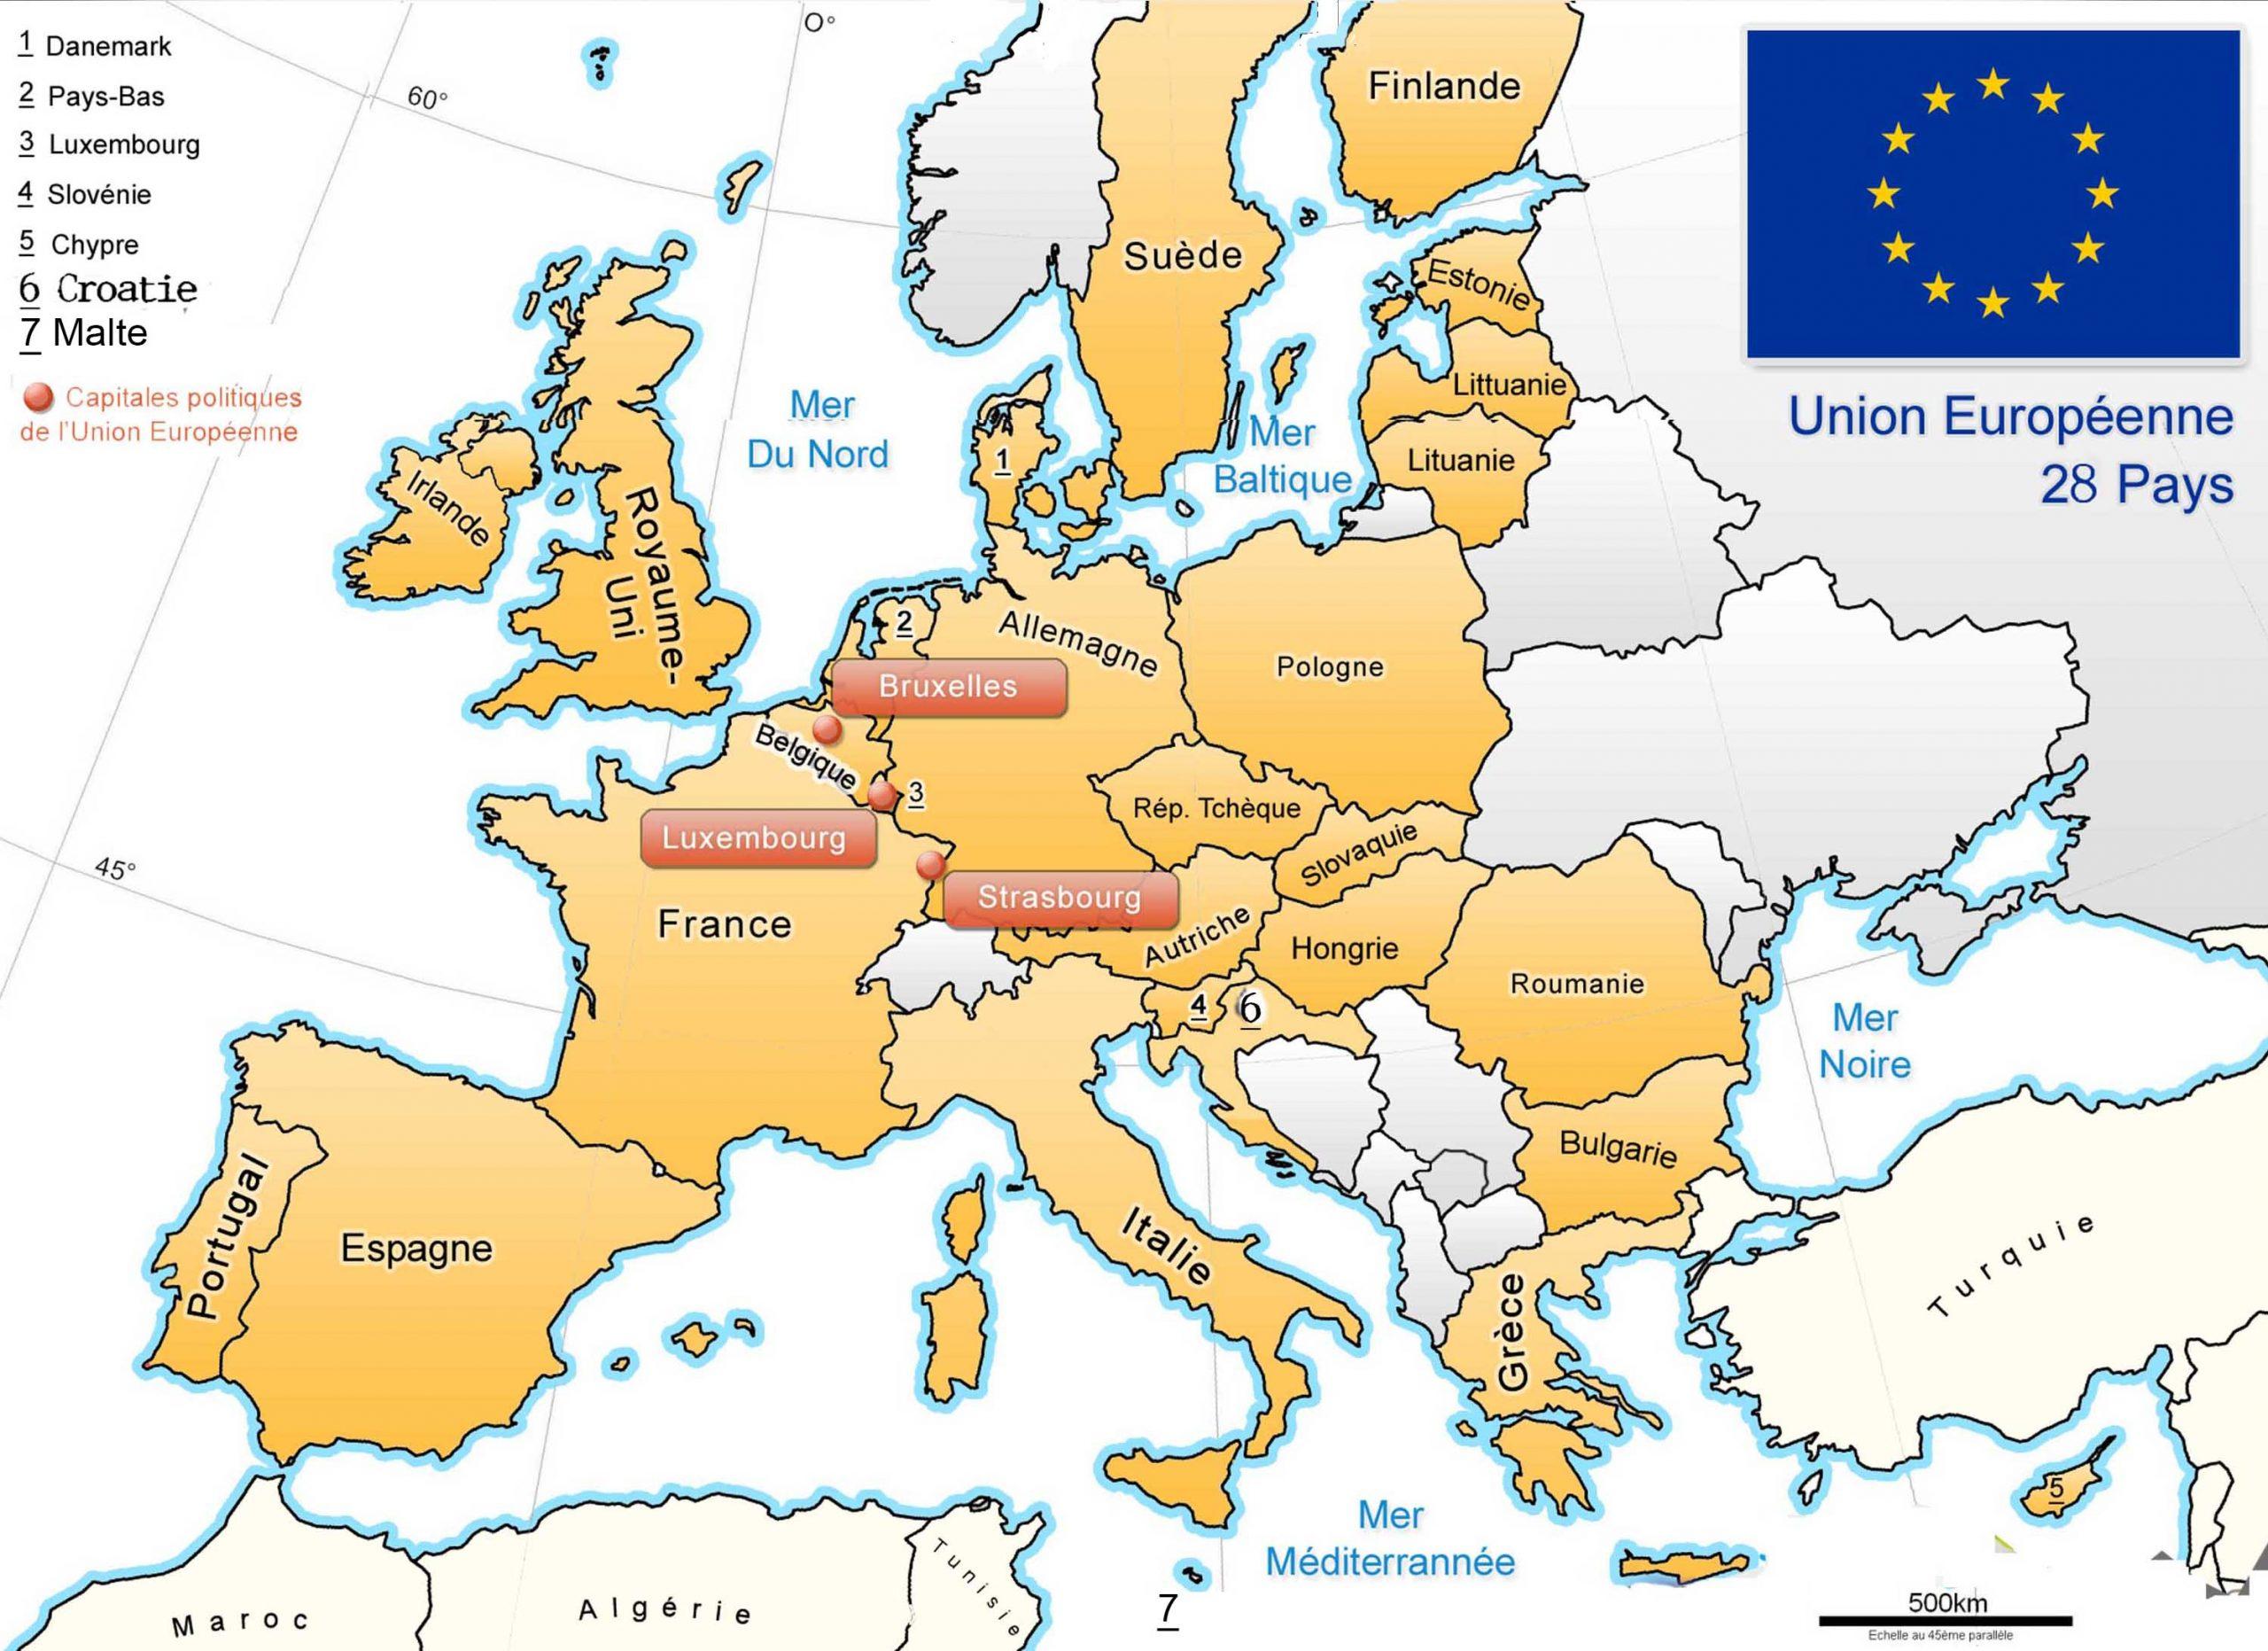 Apprendre À Placer Les Pays De L' Union Européenne - Le Blog destiné Capital De L Union Européenne